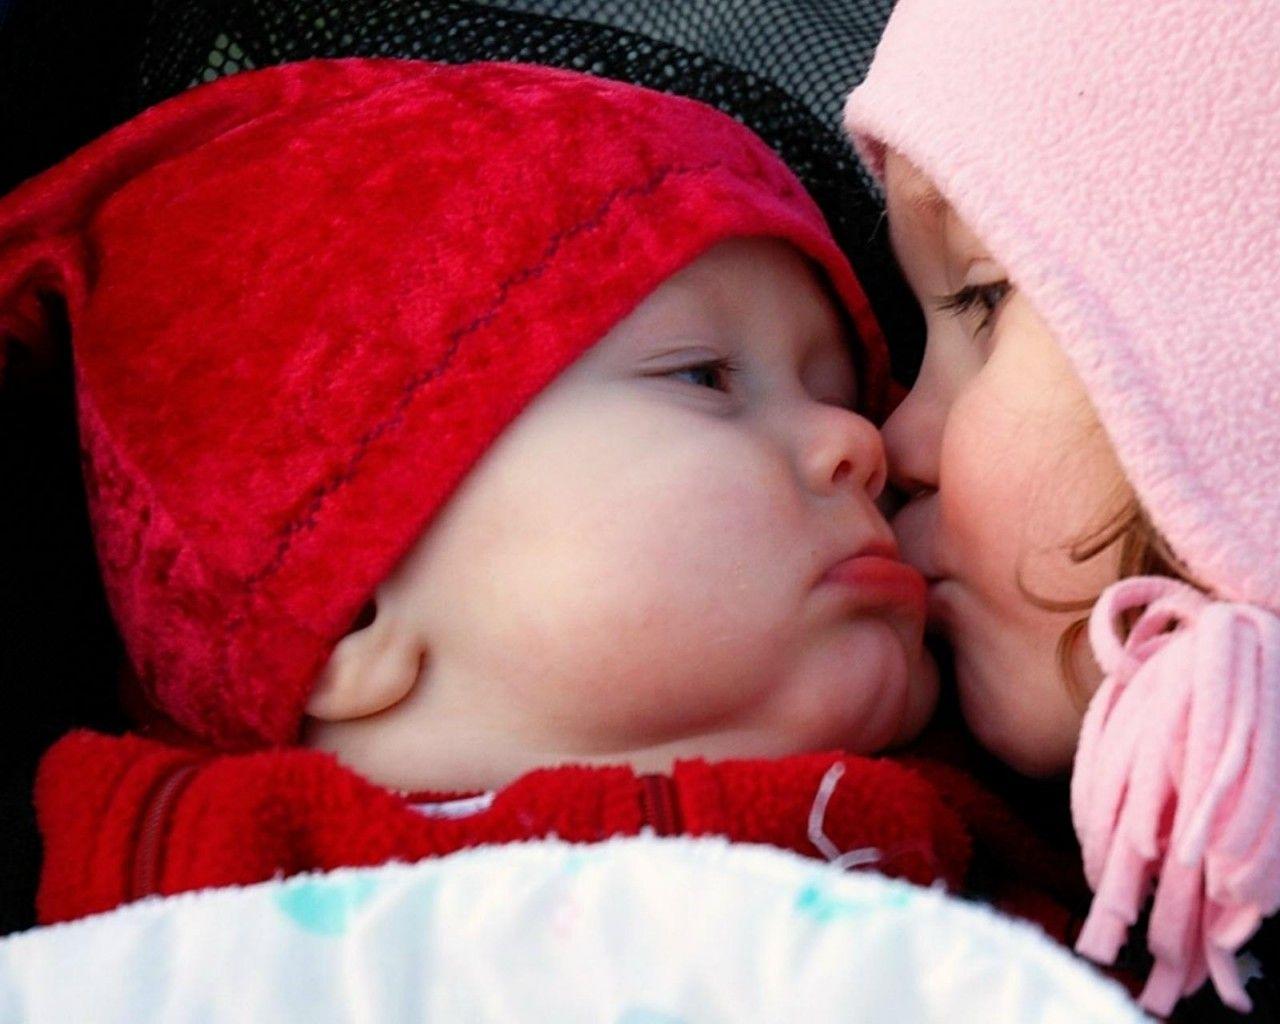 wow, true love   cute babies   Pinterest   Hd wallpaper and Babies